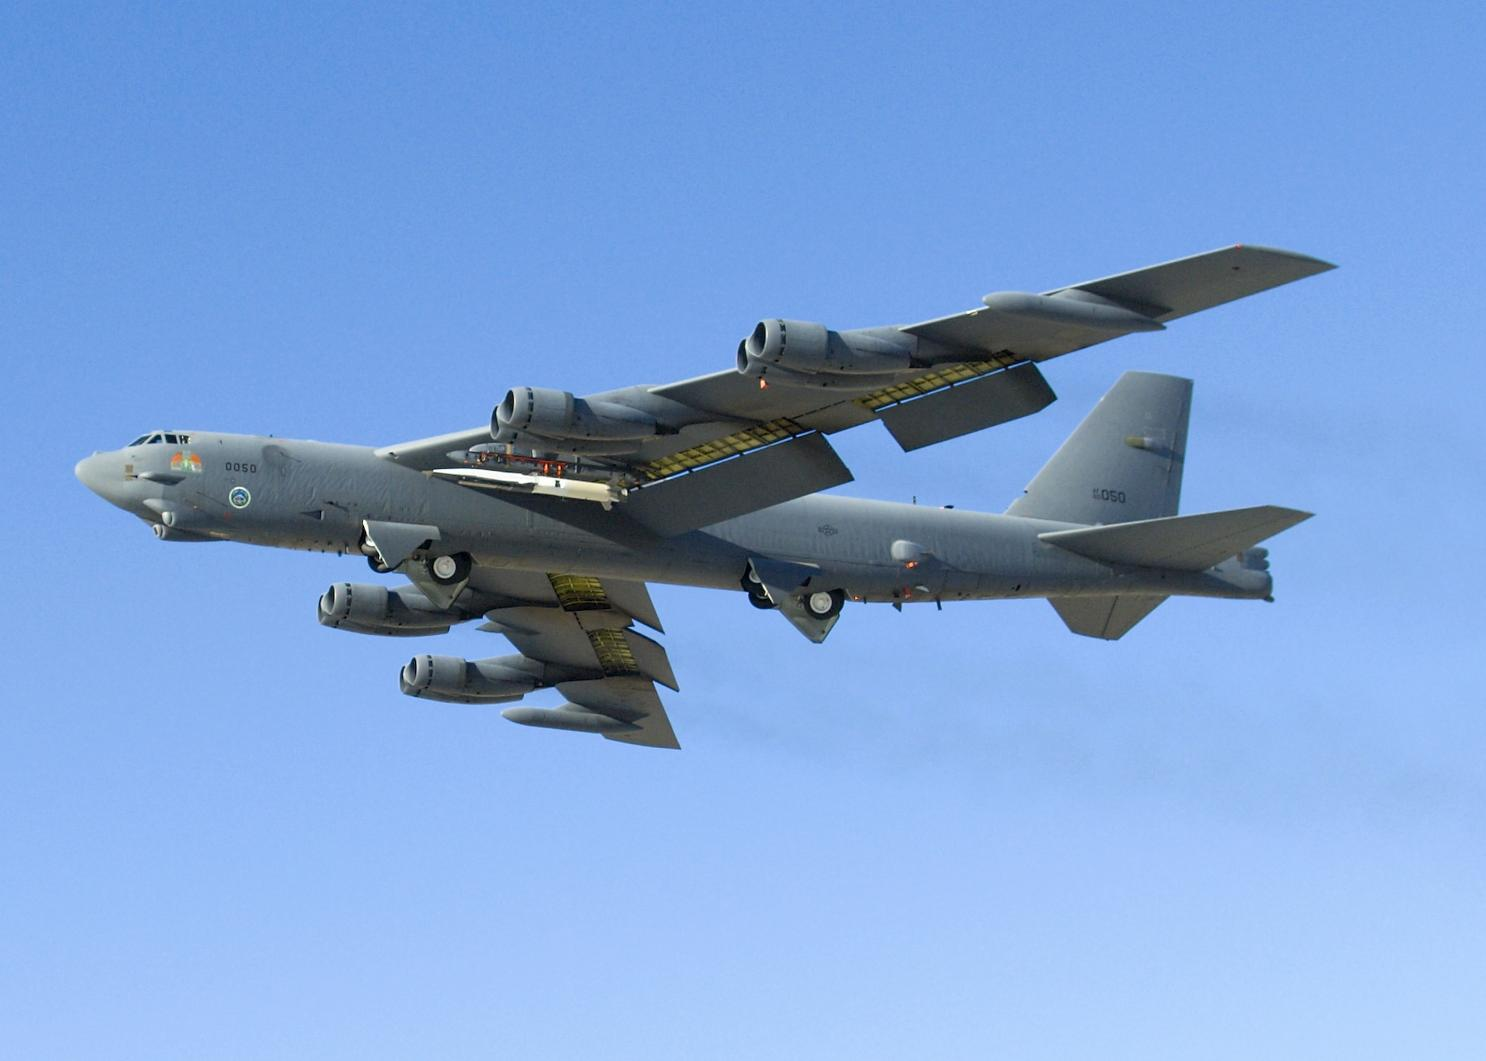 В США заявили о неспособности противостоять гиперзвуковому оружию России